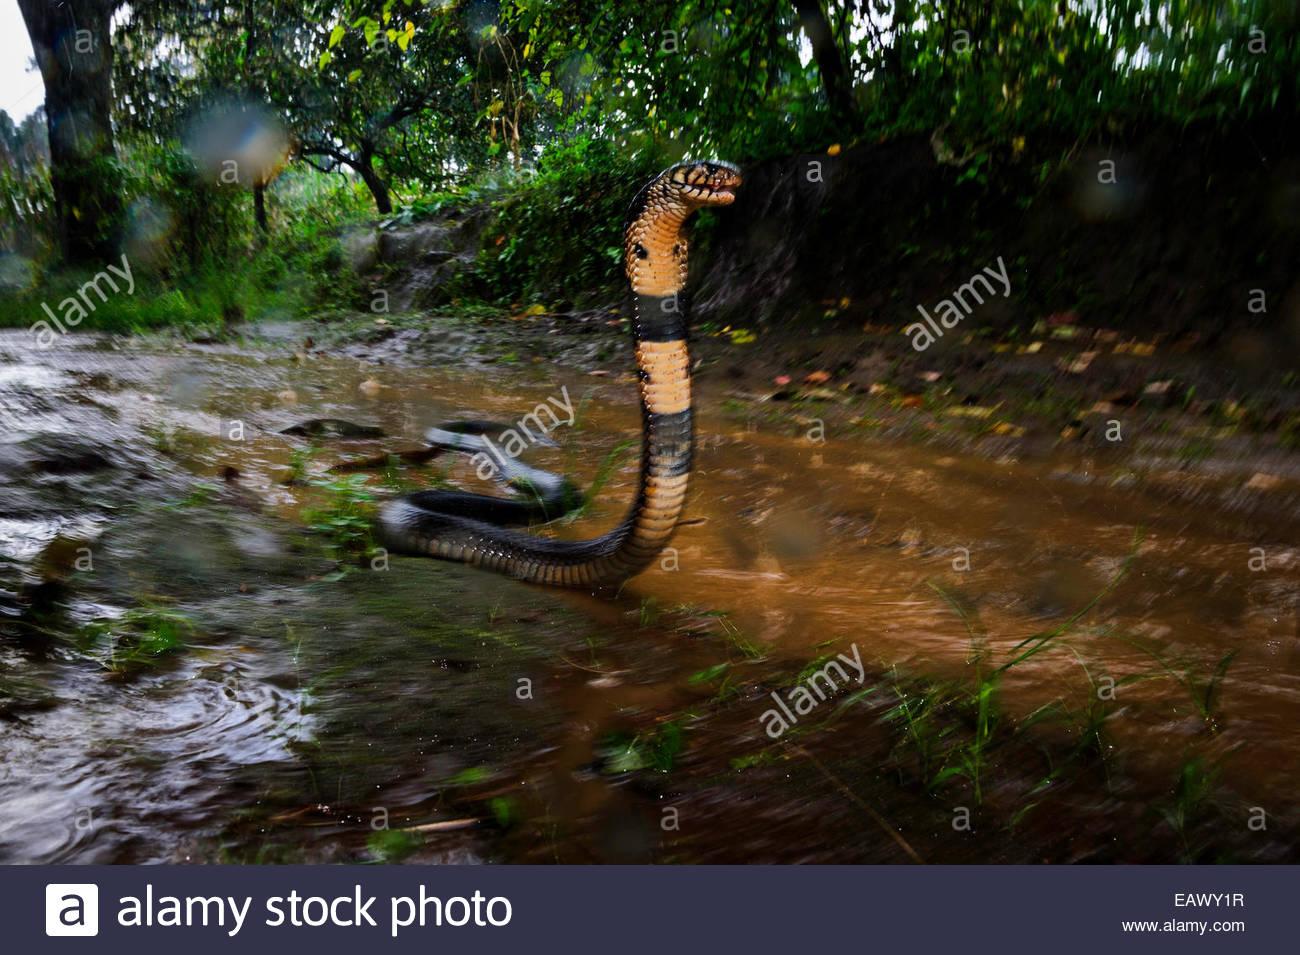 A venomous forest cobra in the rain. - Stock Image